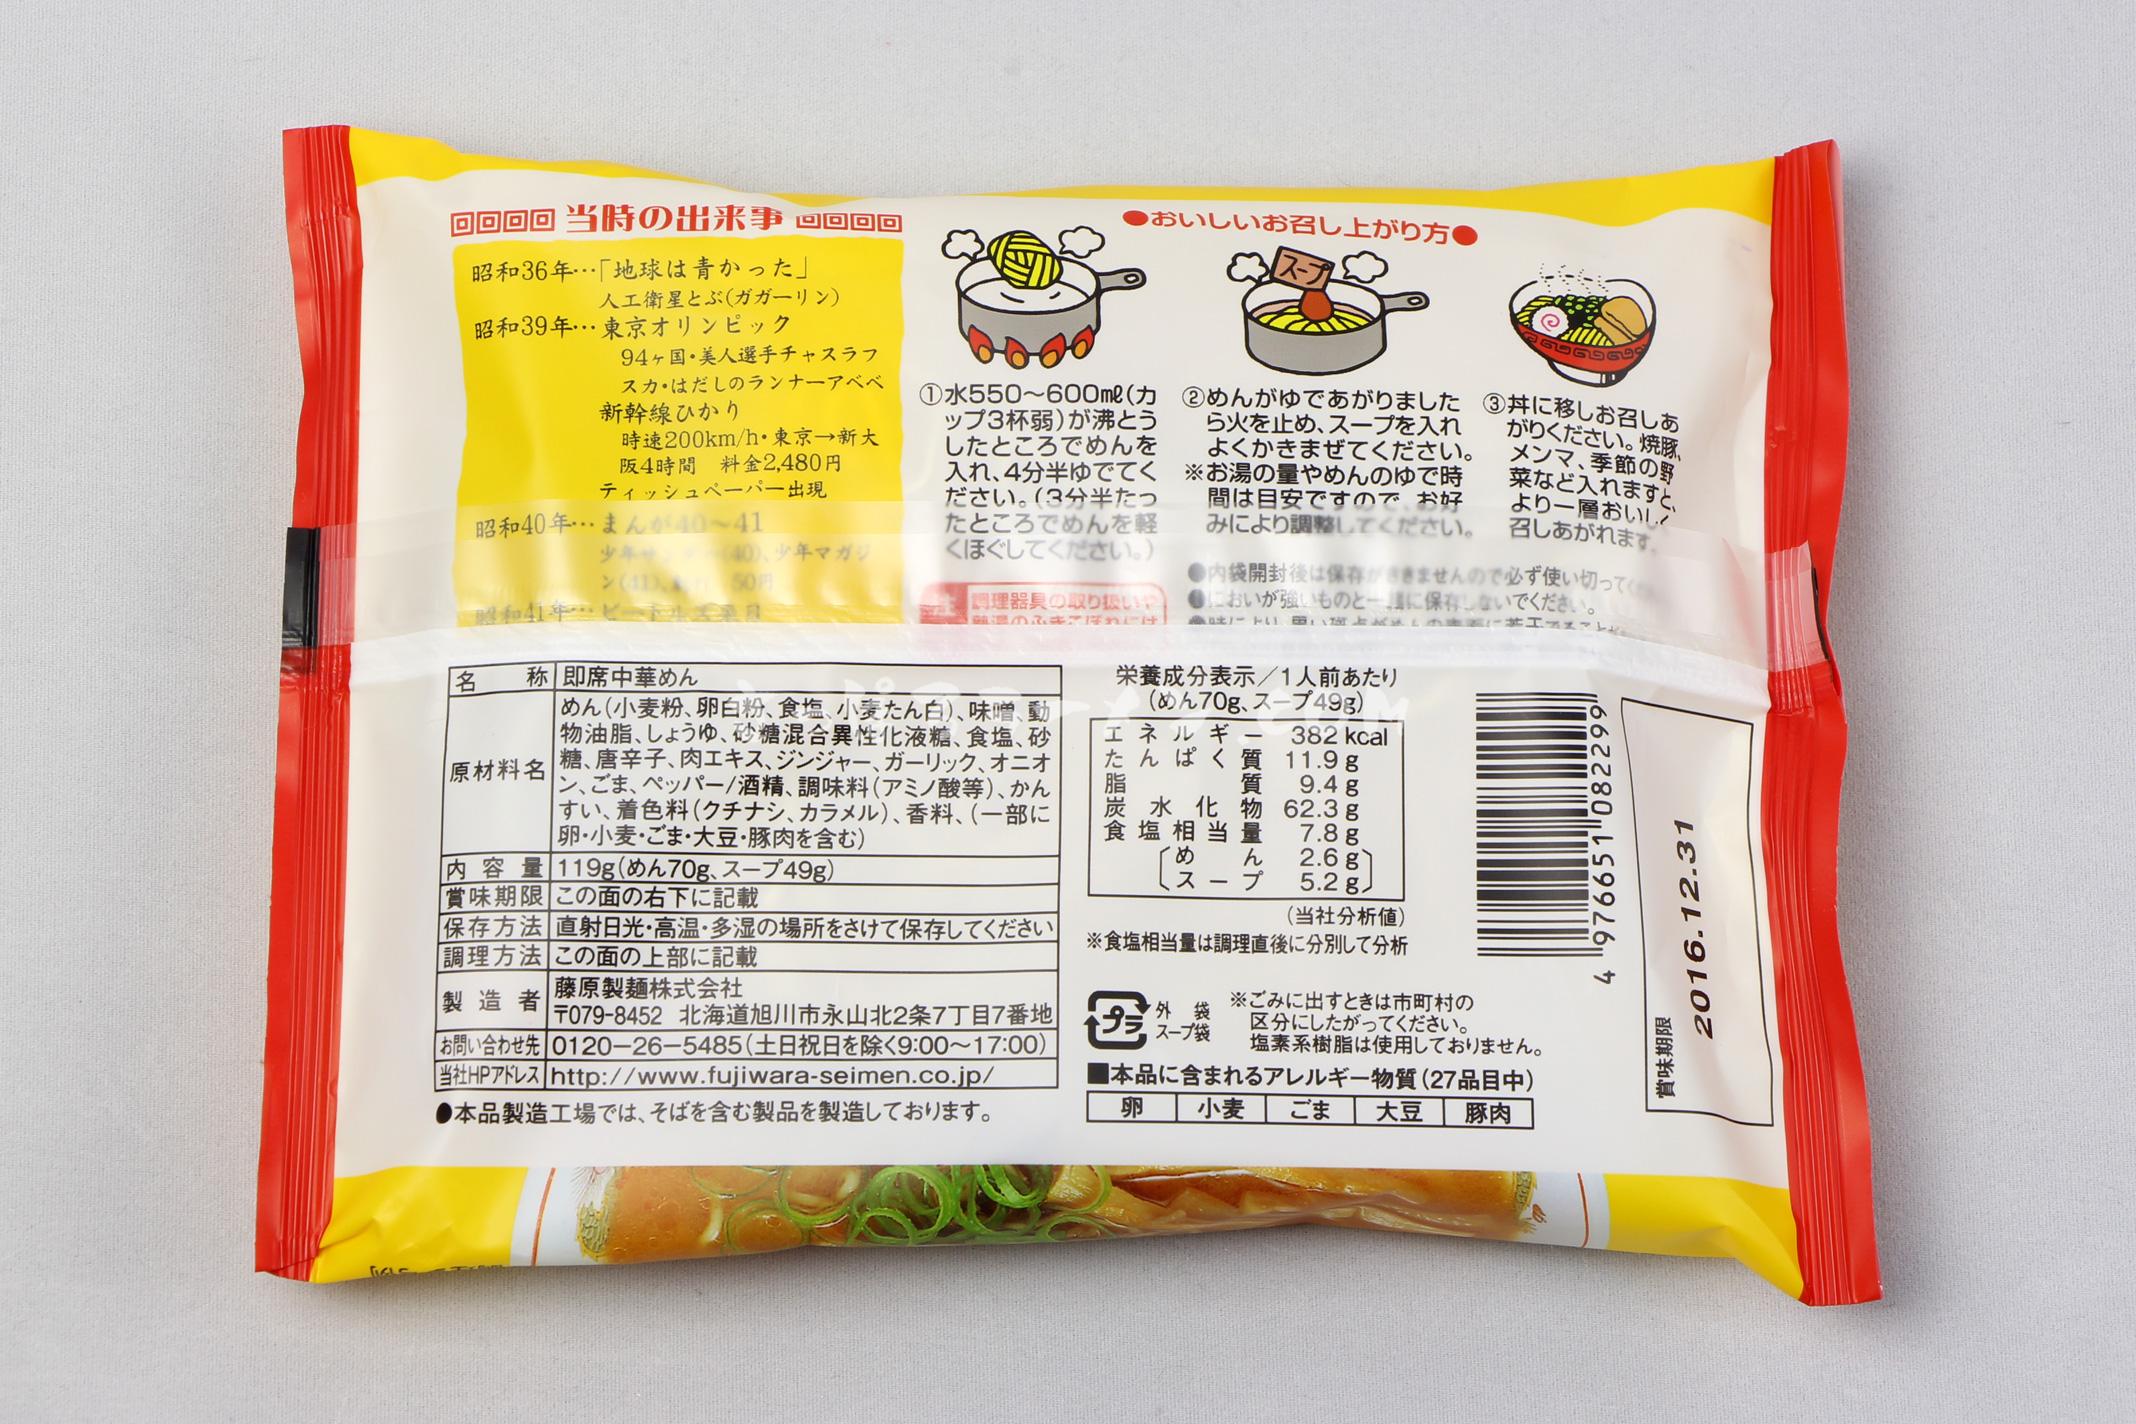 「昭和40年 北海道みそラーメン 」(藤原製麺)のパッケージ(裏)